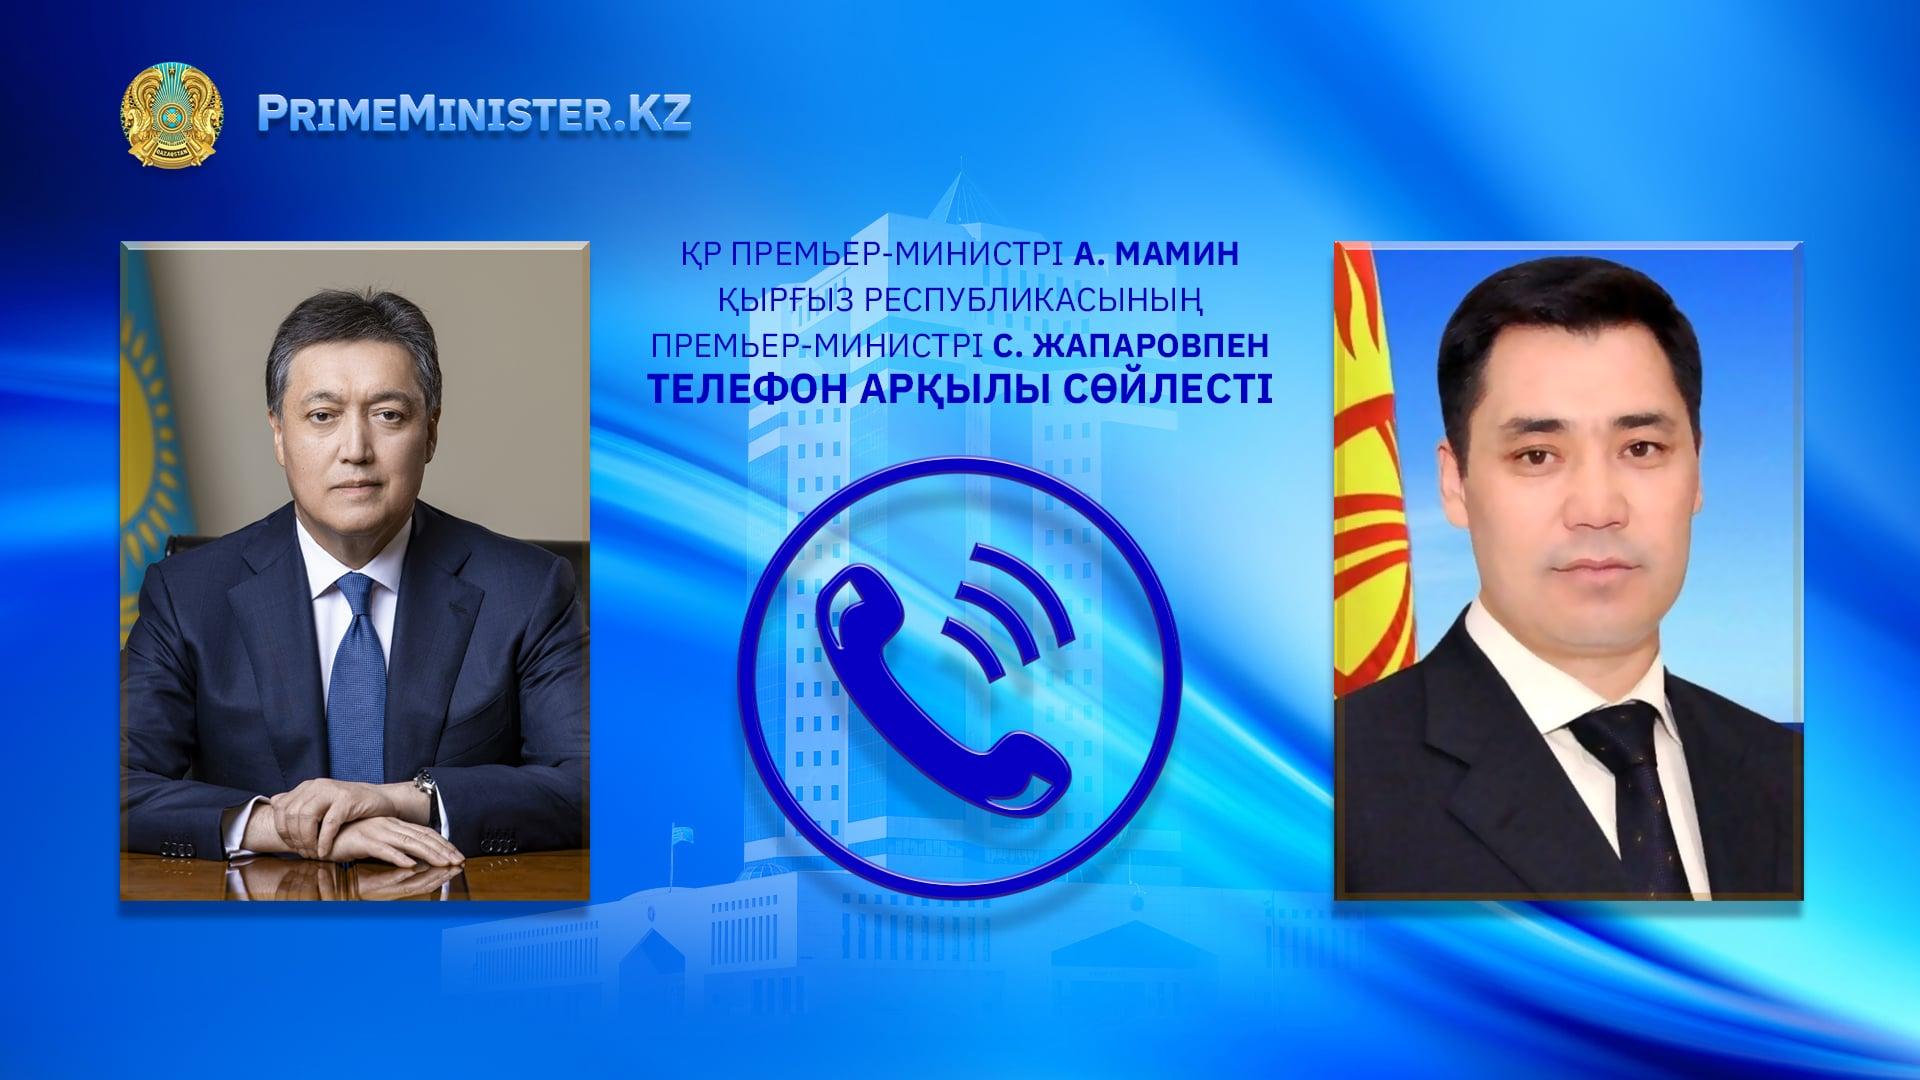 Асқар Мамин, Садыр Жапаров